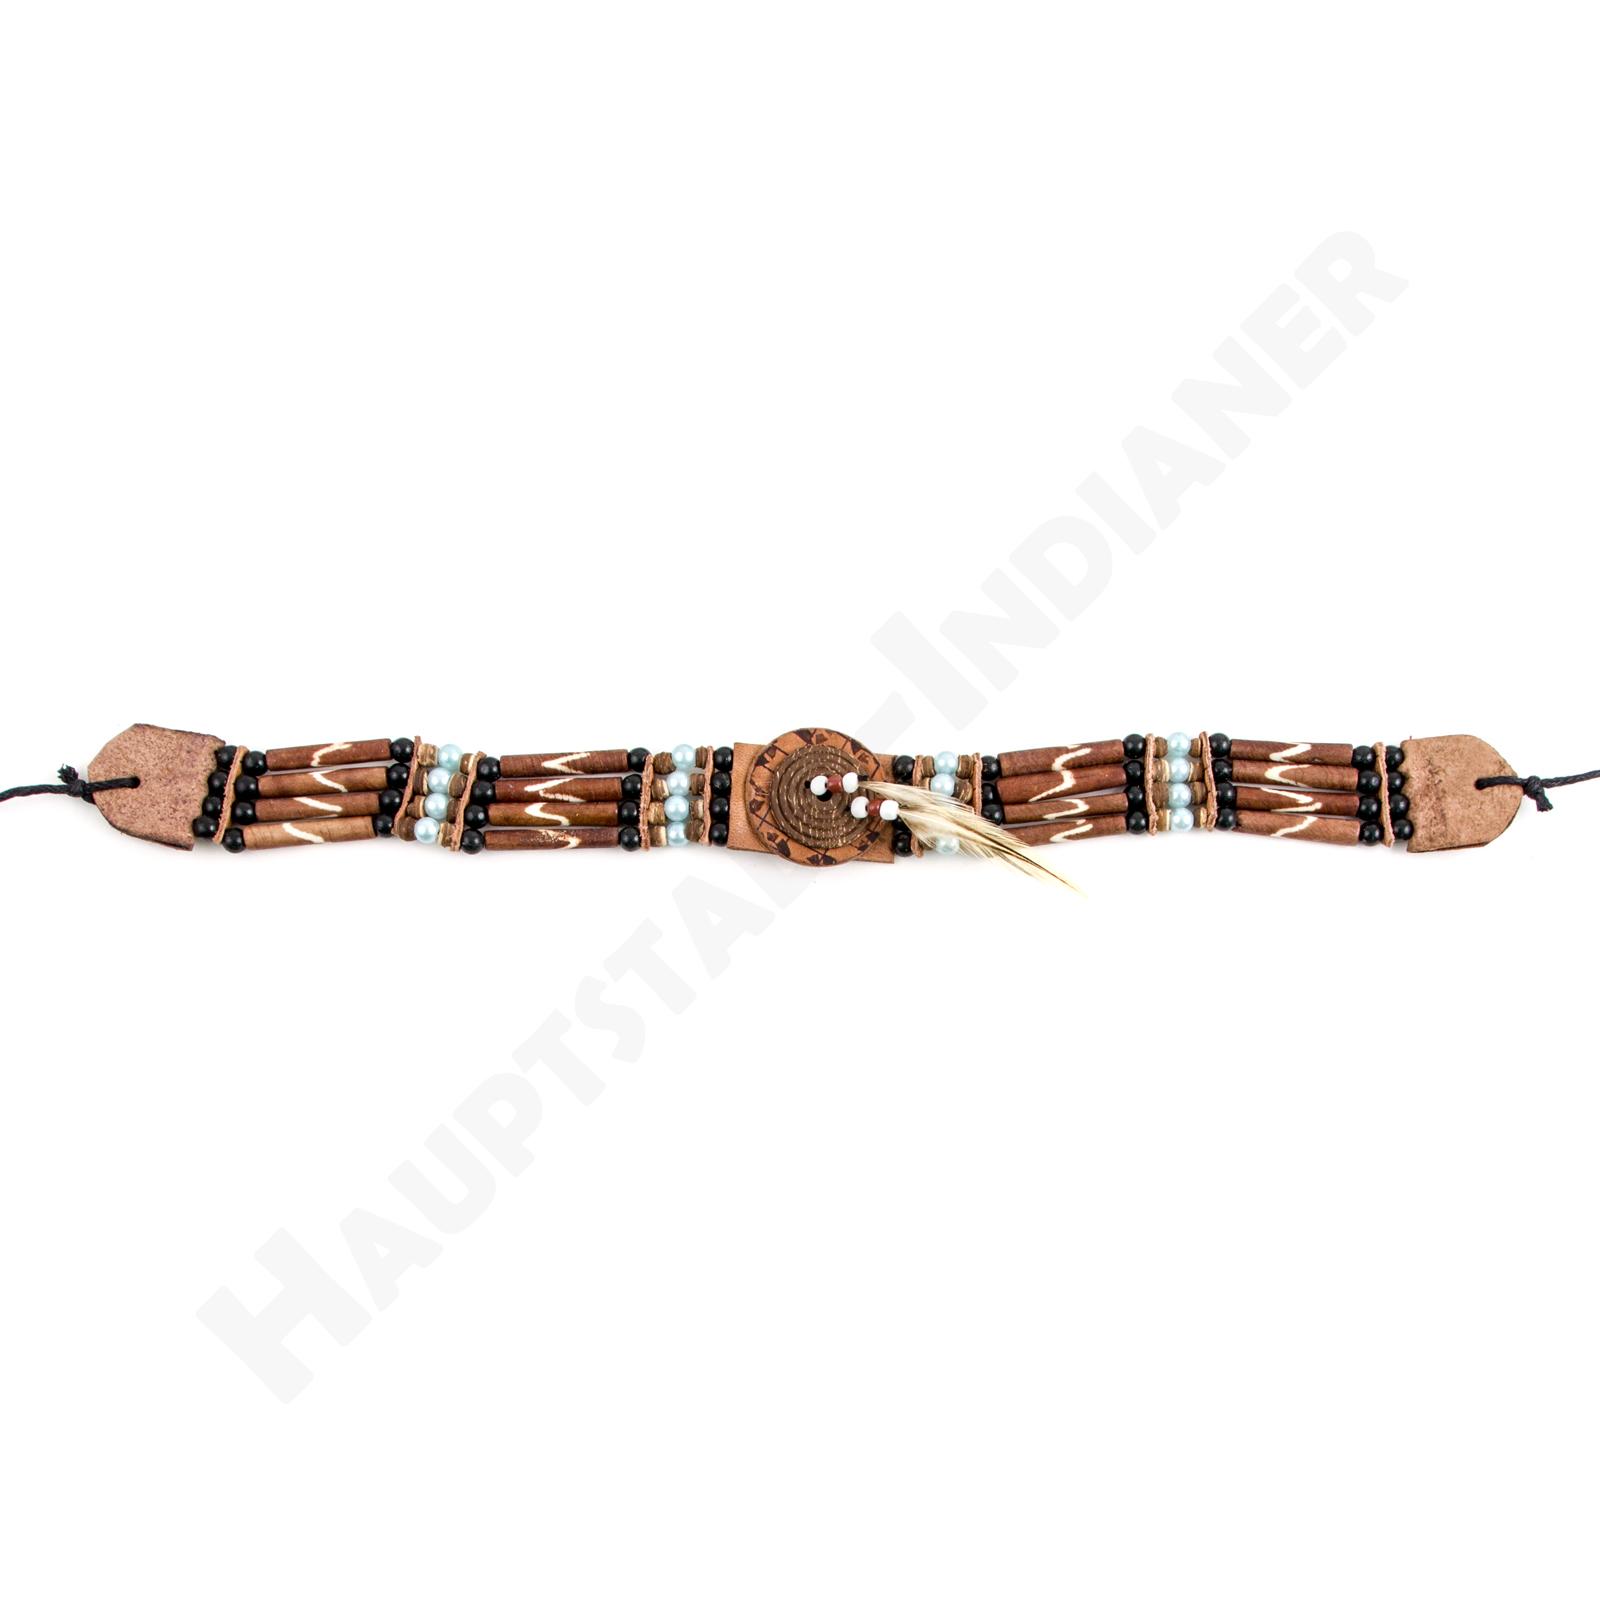 Indianer Halsband Halskette Choker Leder mit Perlen Federn und ...